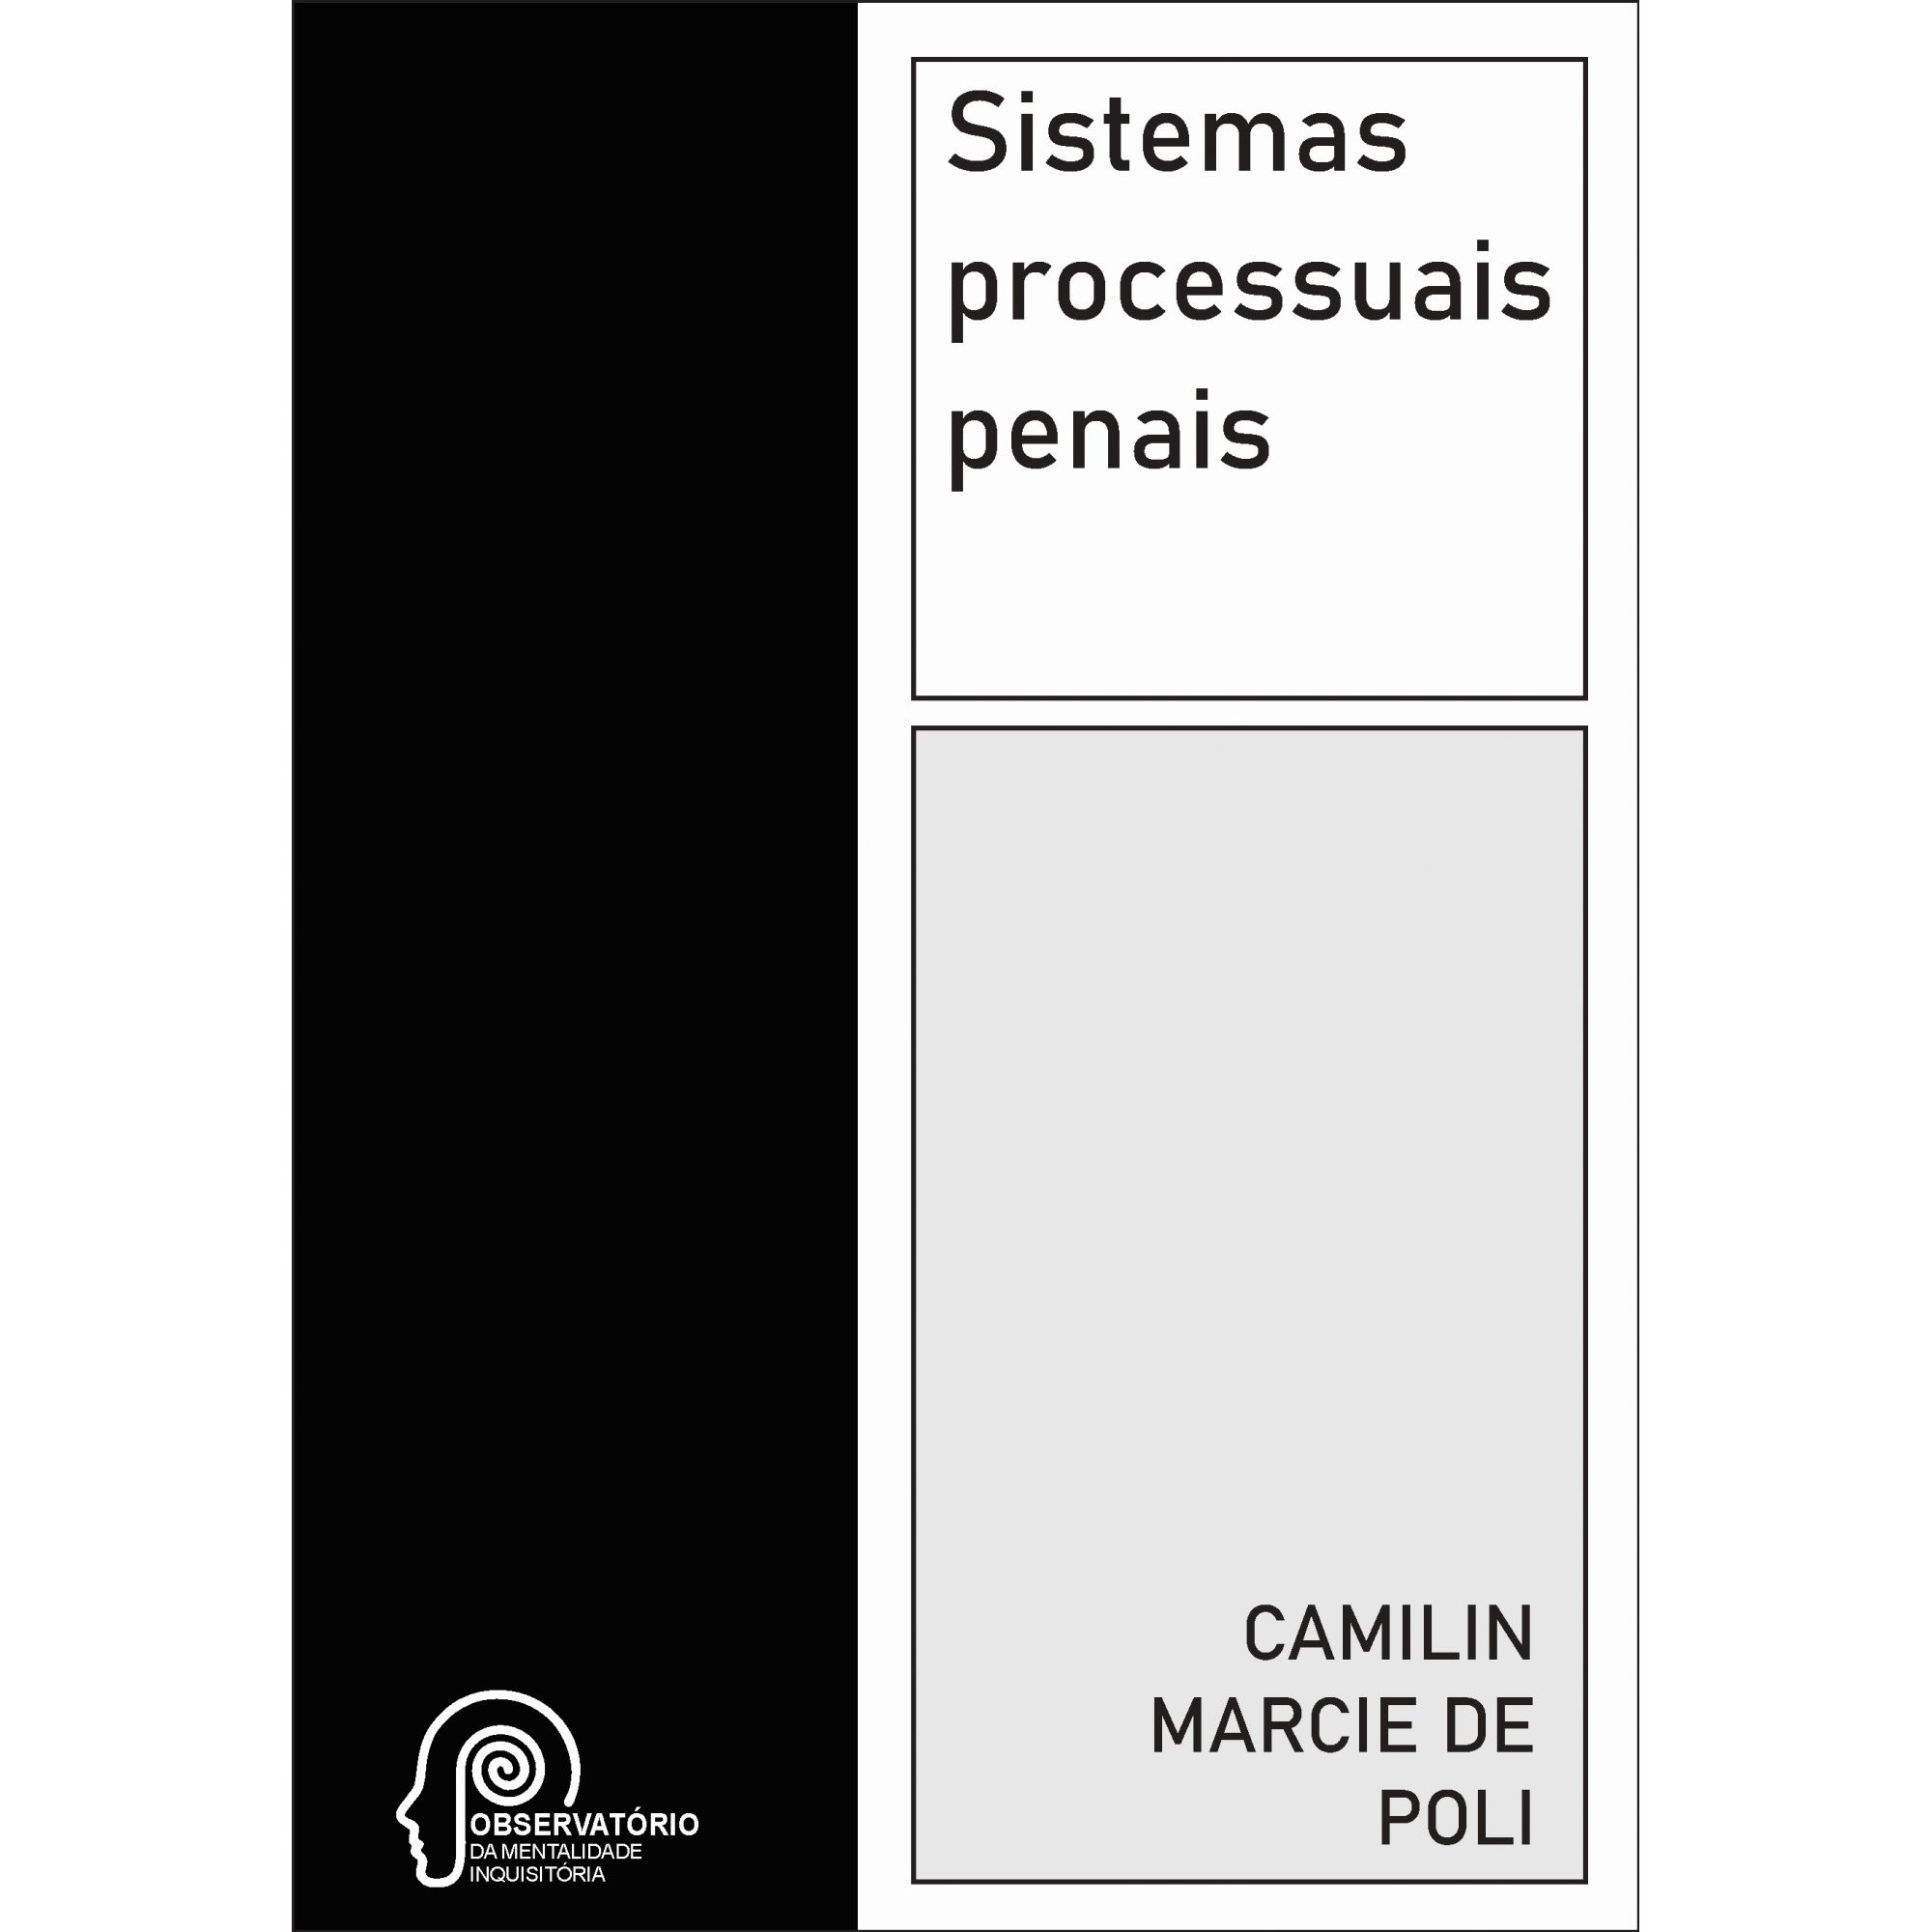 Sistemas processuais penais (Camilin Marcie de Poli)